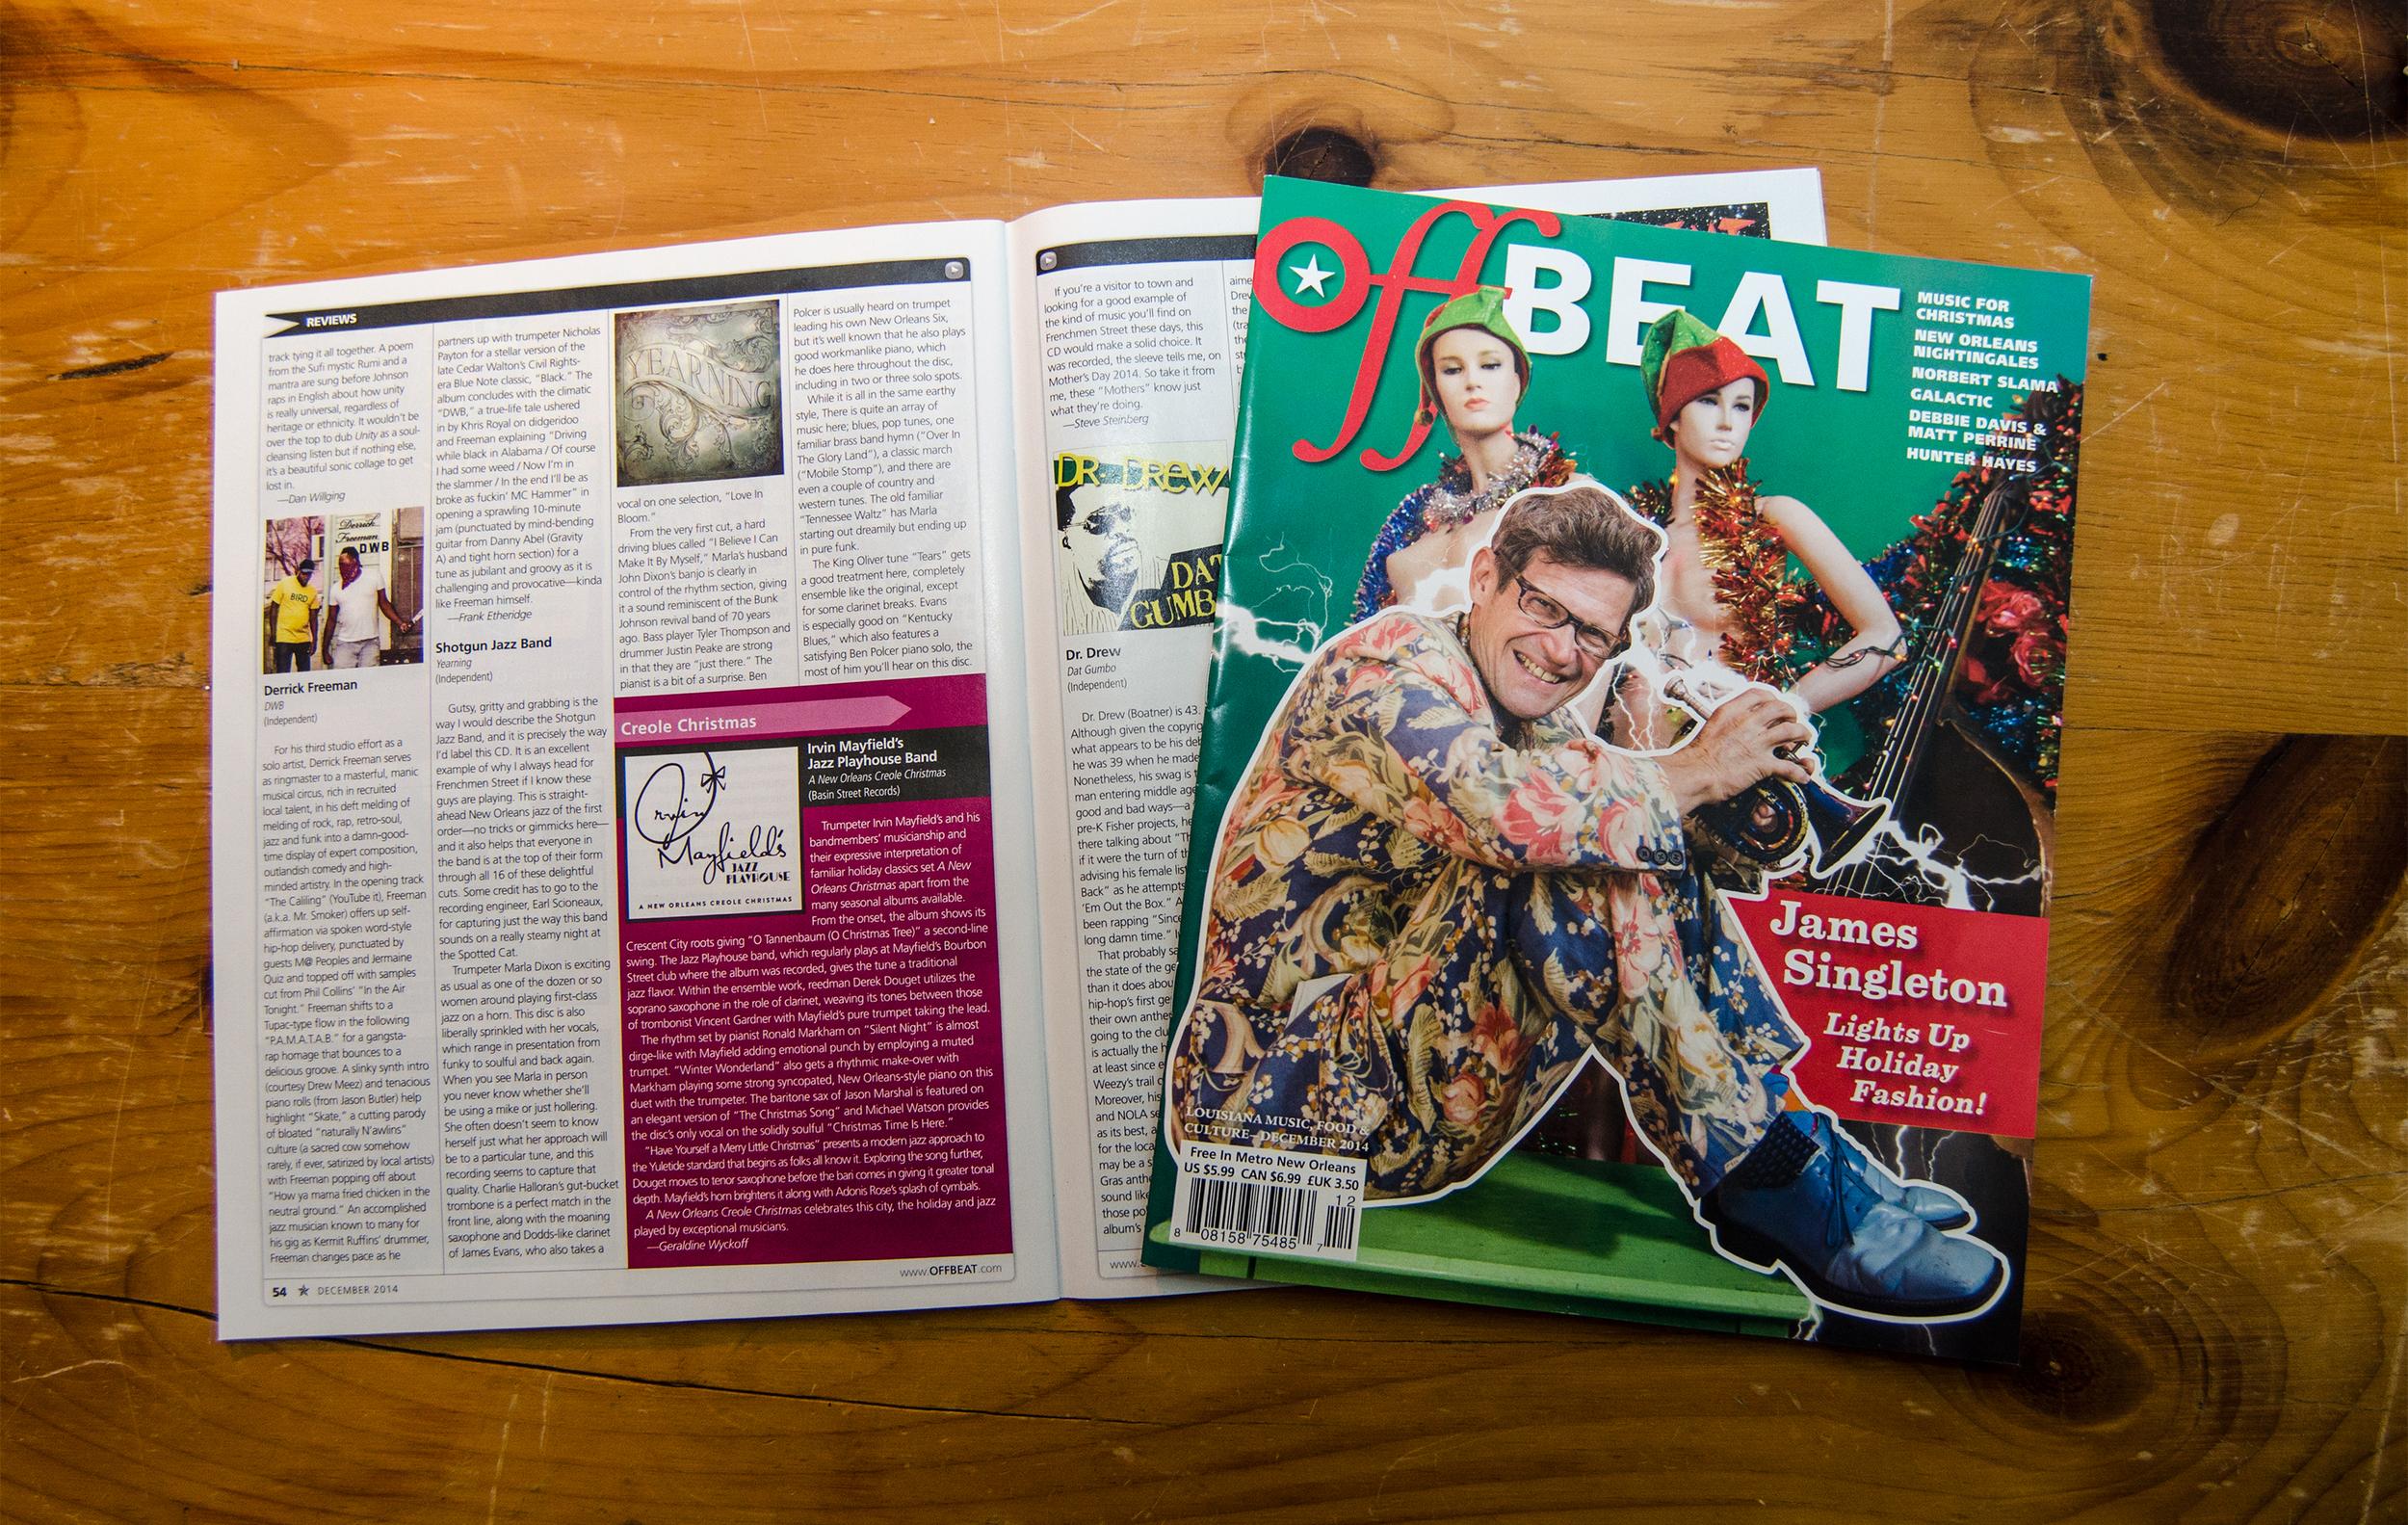 Offbeat Magazine, March 2014